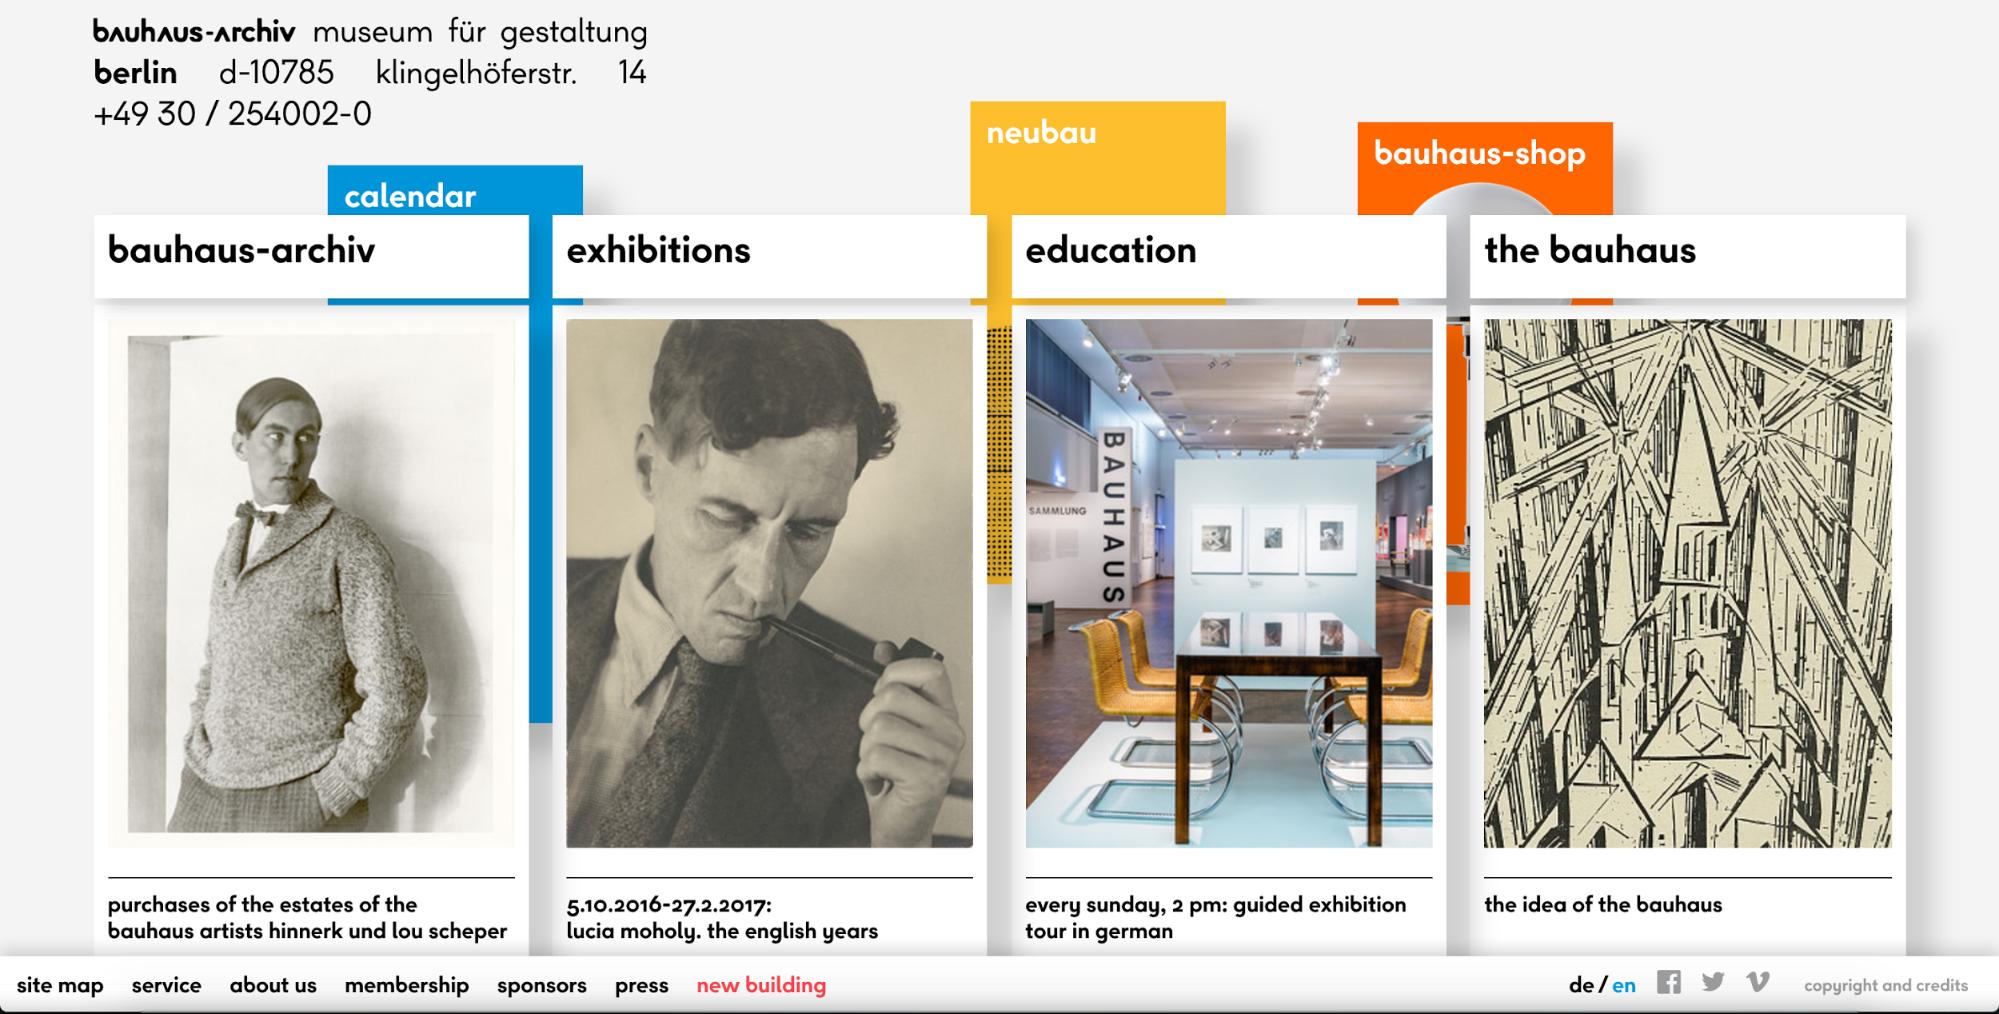 Bauhuas-Archiv homepage